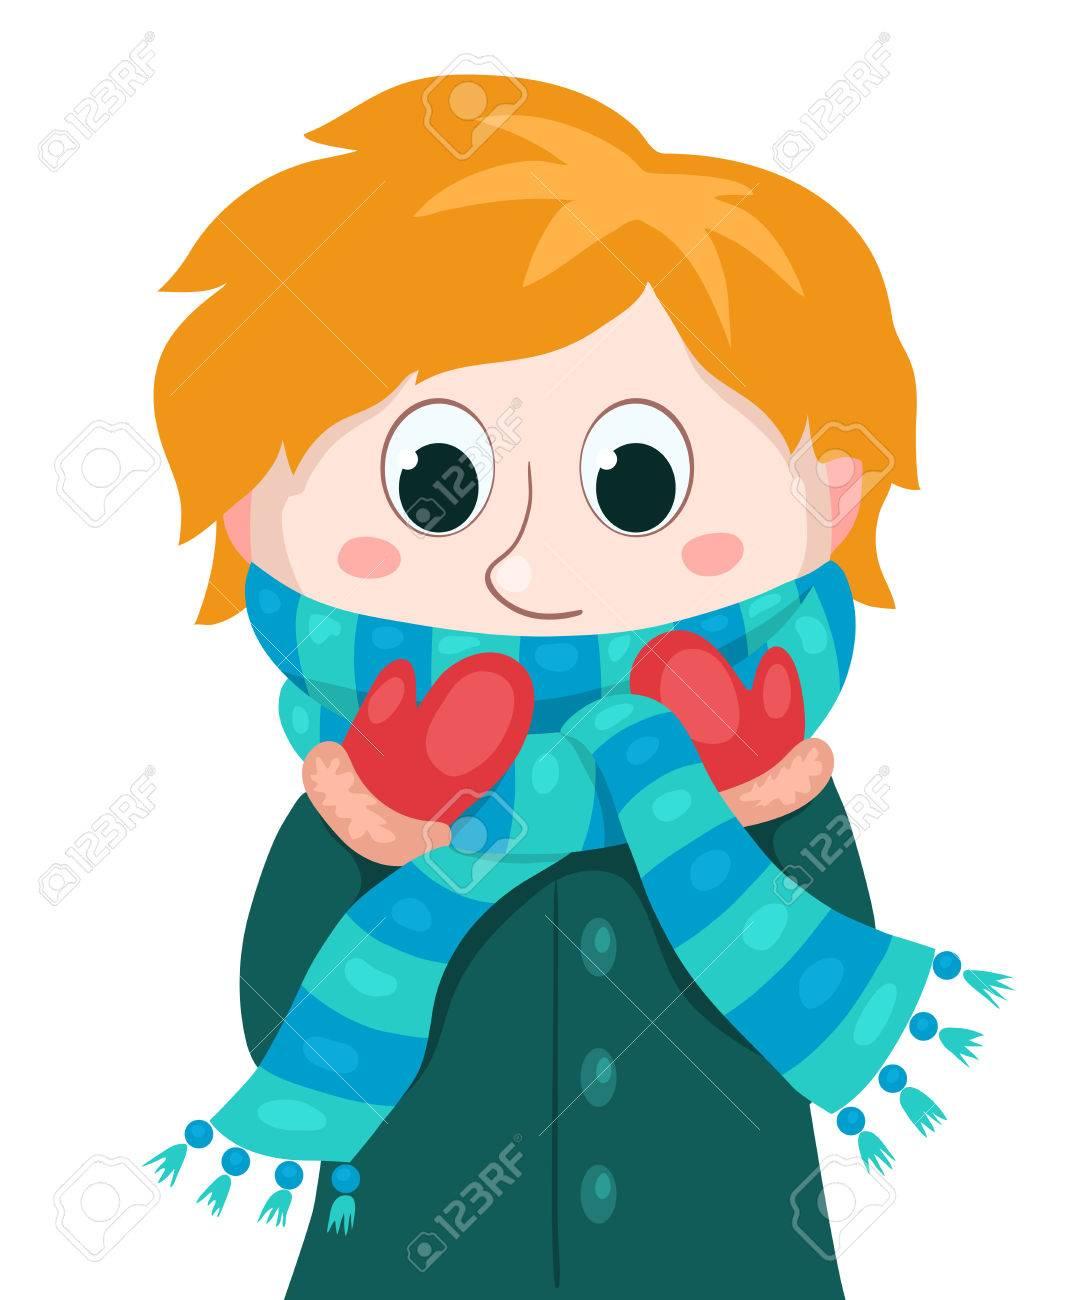 a23d78918f85 Niño en ropa de invierno. Vector ilustración de dibujos animados. Aislado  en blanco.